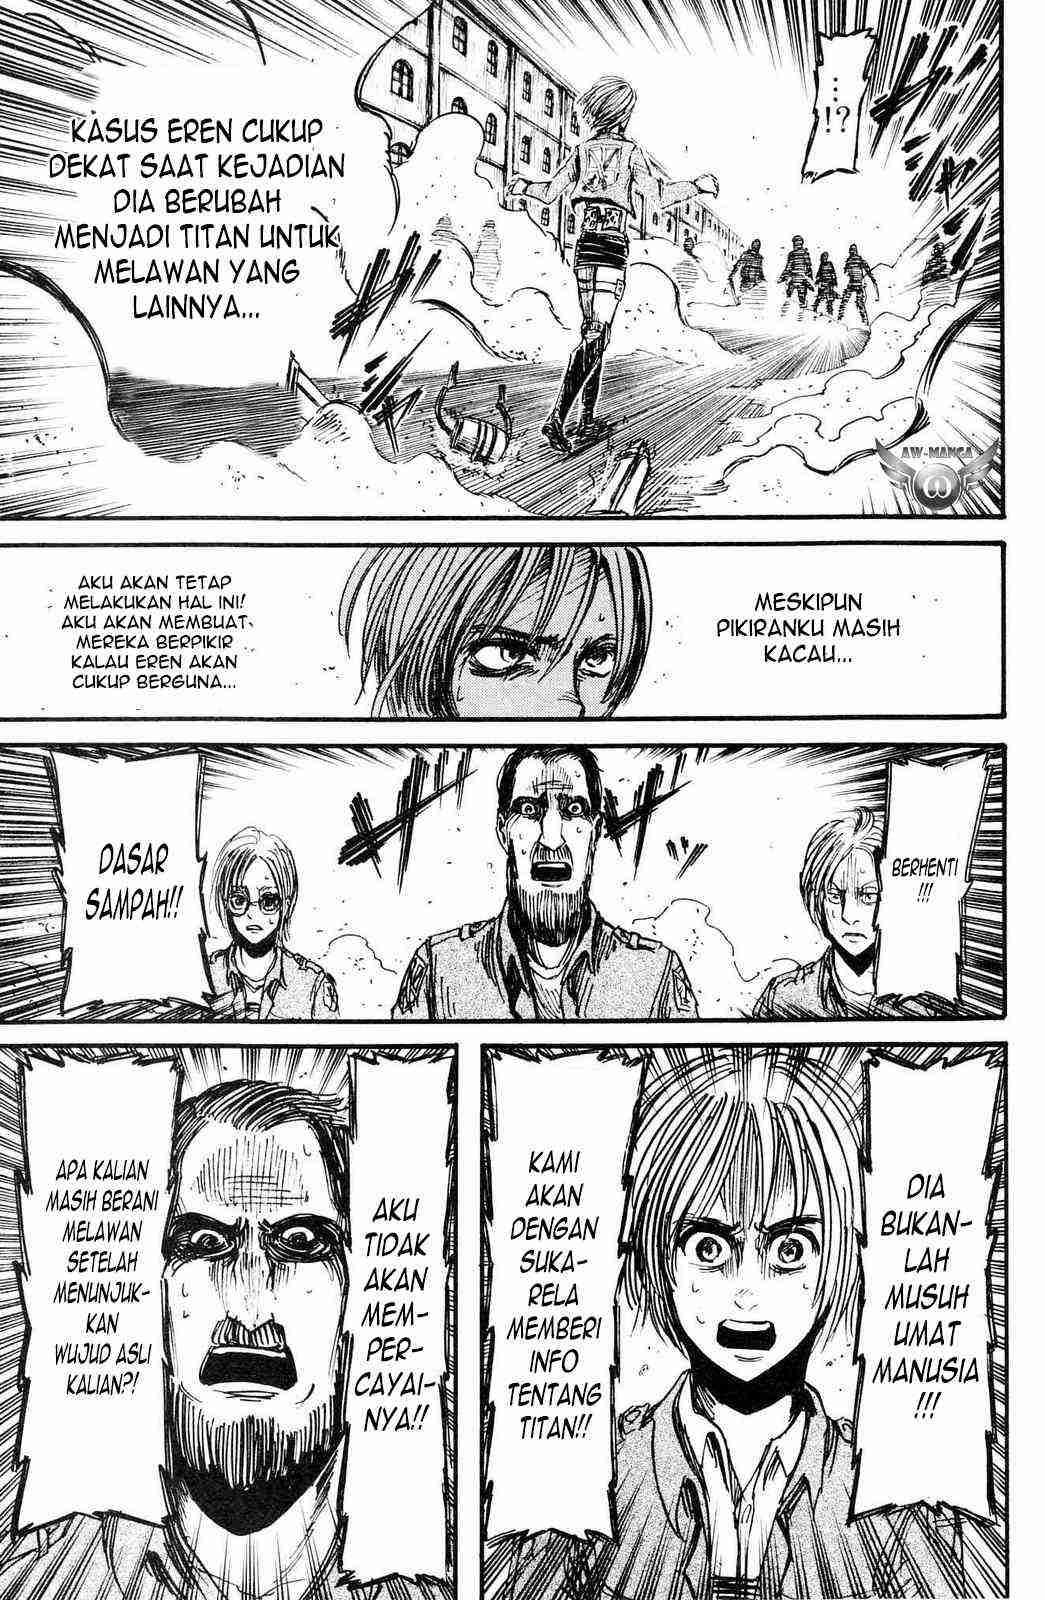 Komik shingeki no kyojin 011 12 Indonesia shingeki no kyojin 011 Terbaru 35|Baca Manga Komik Indonesia|